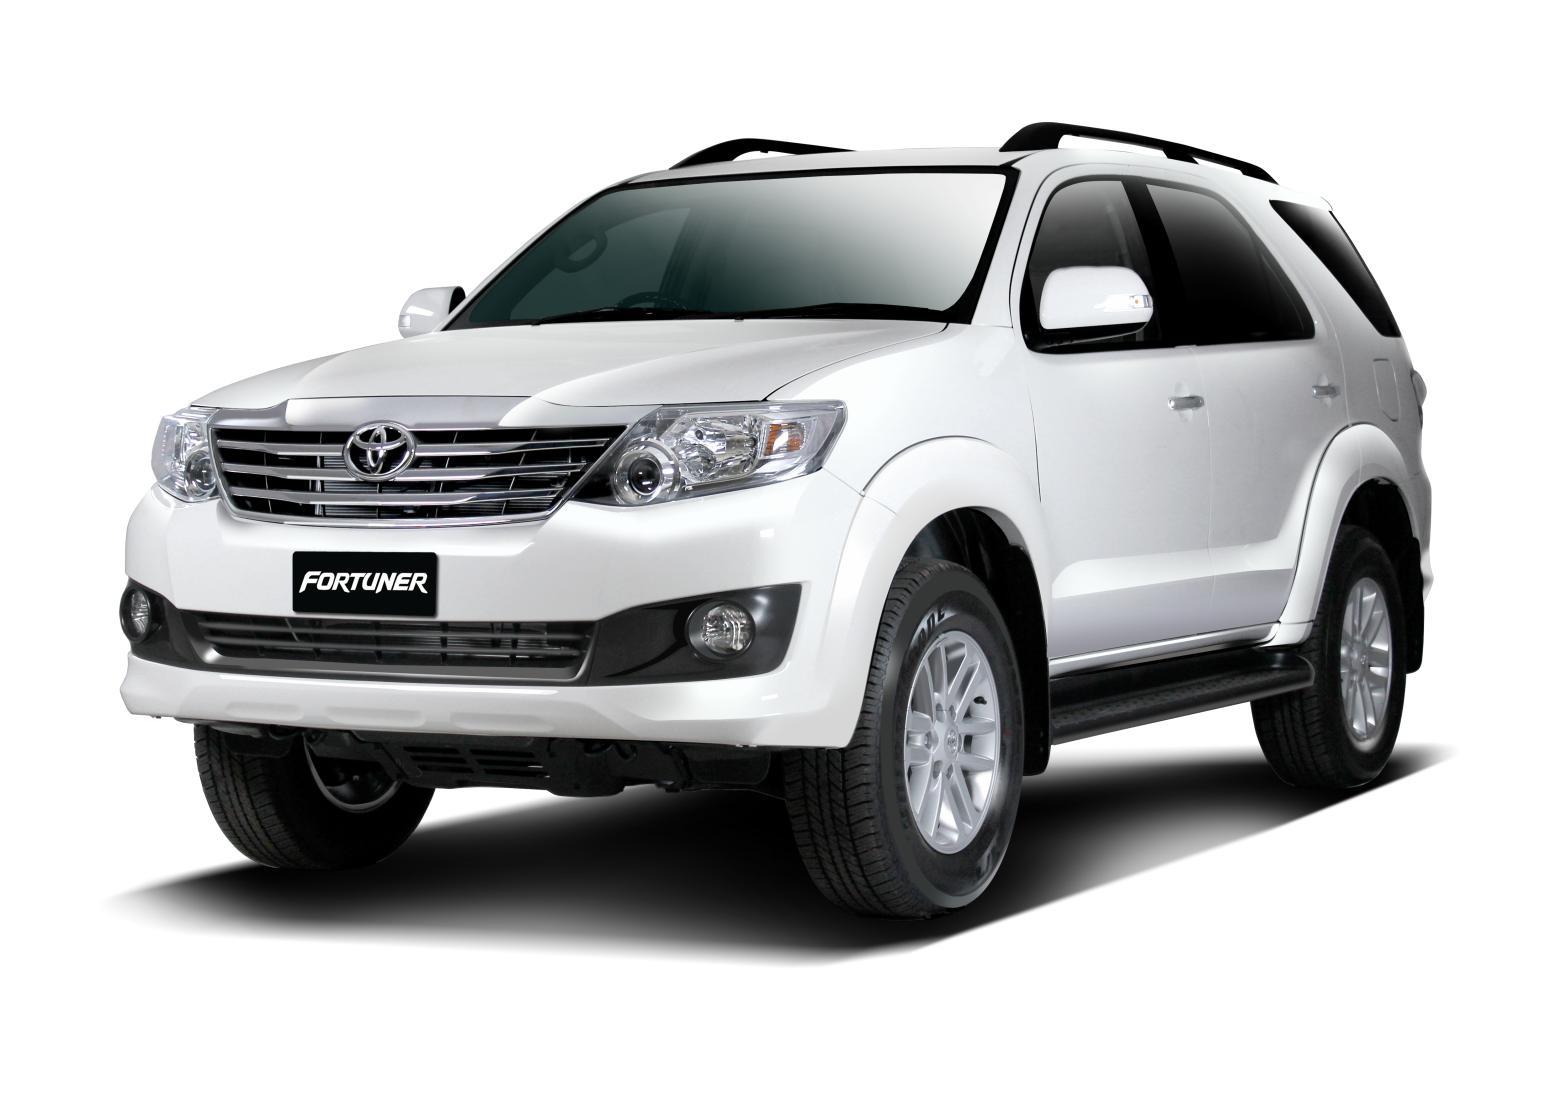 Fitur Grand New Veloz 1.3 Kelemahan 1.5 Fortuner 2011 ~ Dikta Toyota : Informasi Produk Dan ...